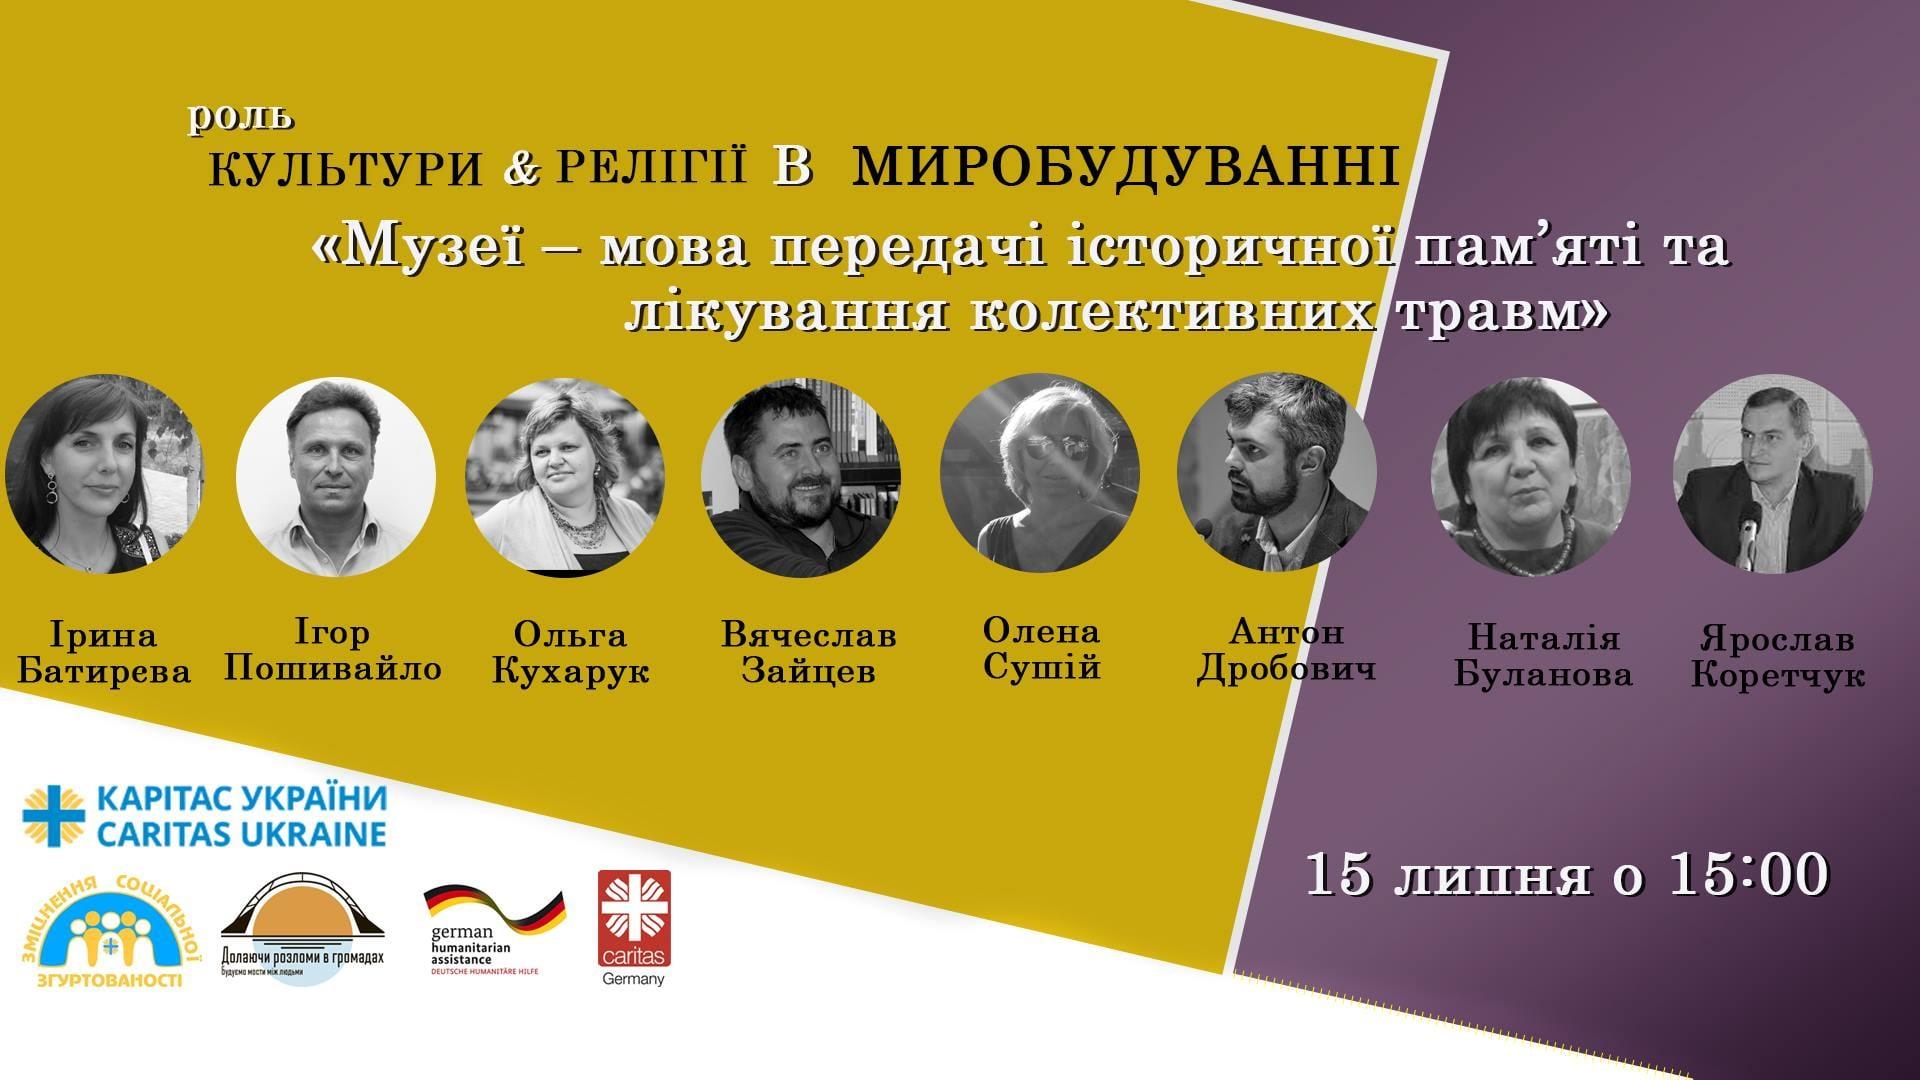 Зображення афіші конференції, на якій розміщені фотографії усіх спікерів та модераторів